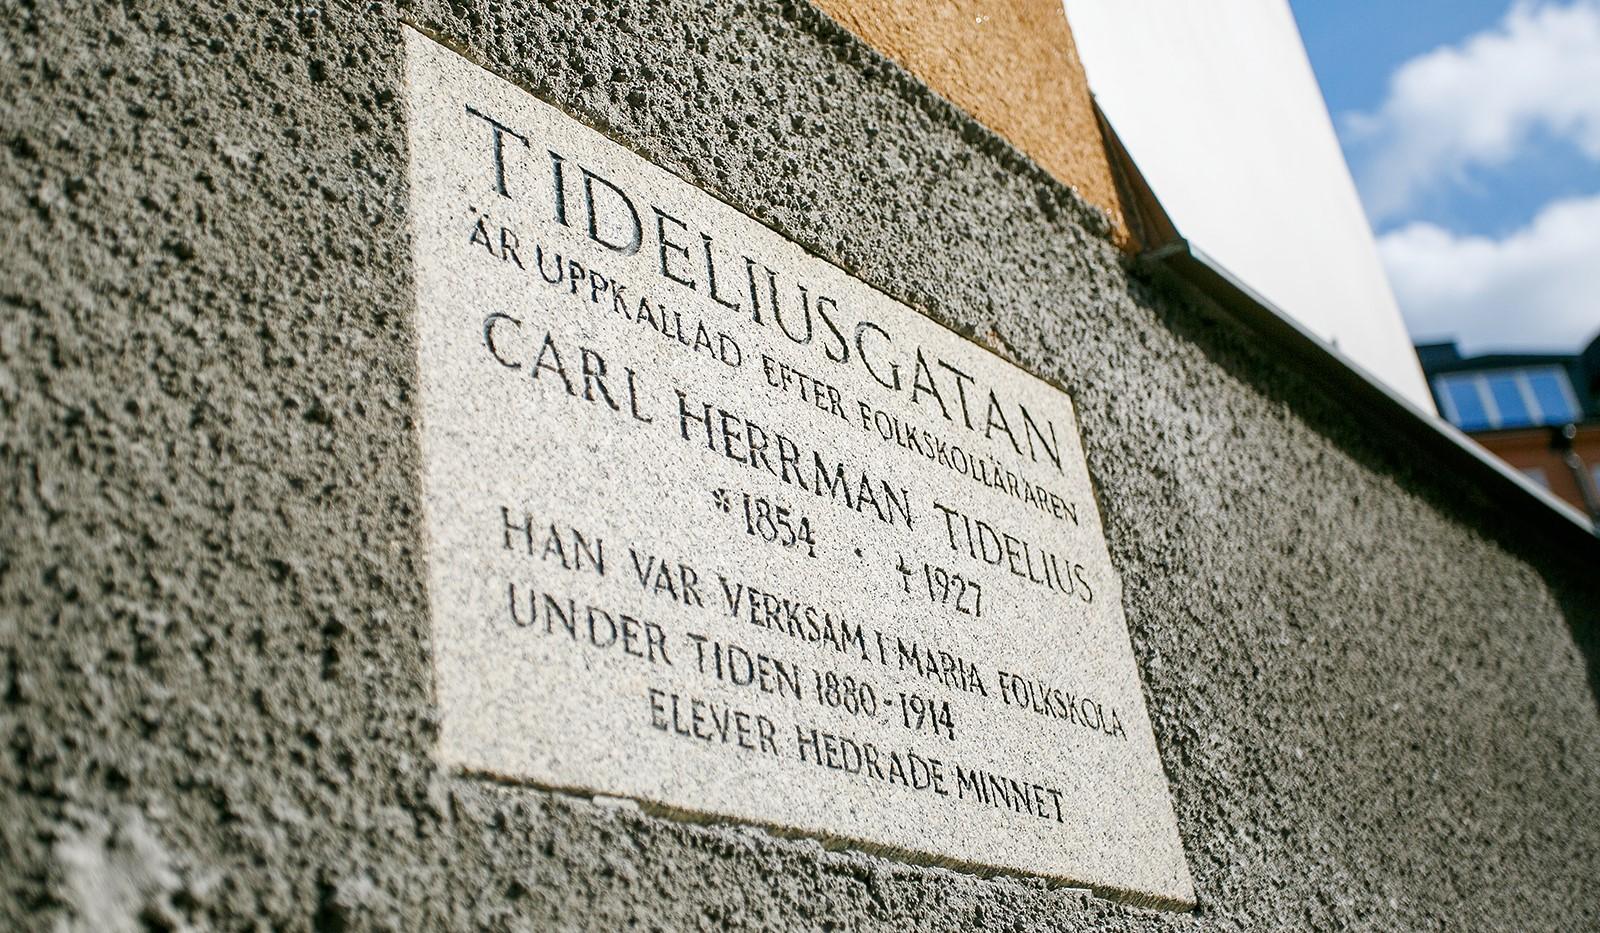 Tideliusgatan 61, 4 tr-18